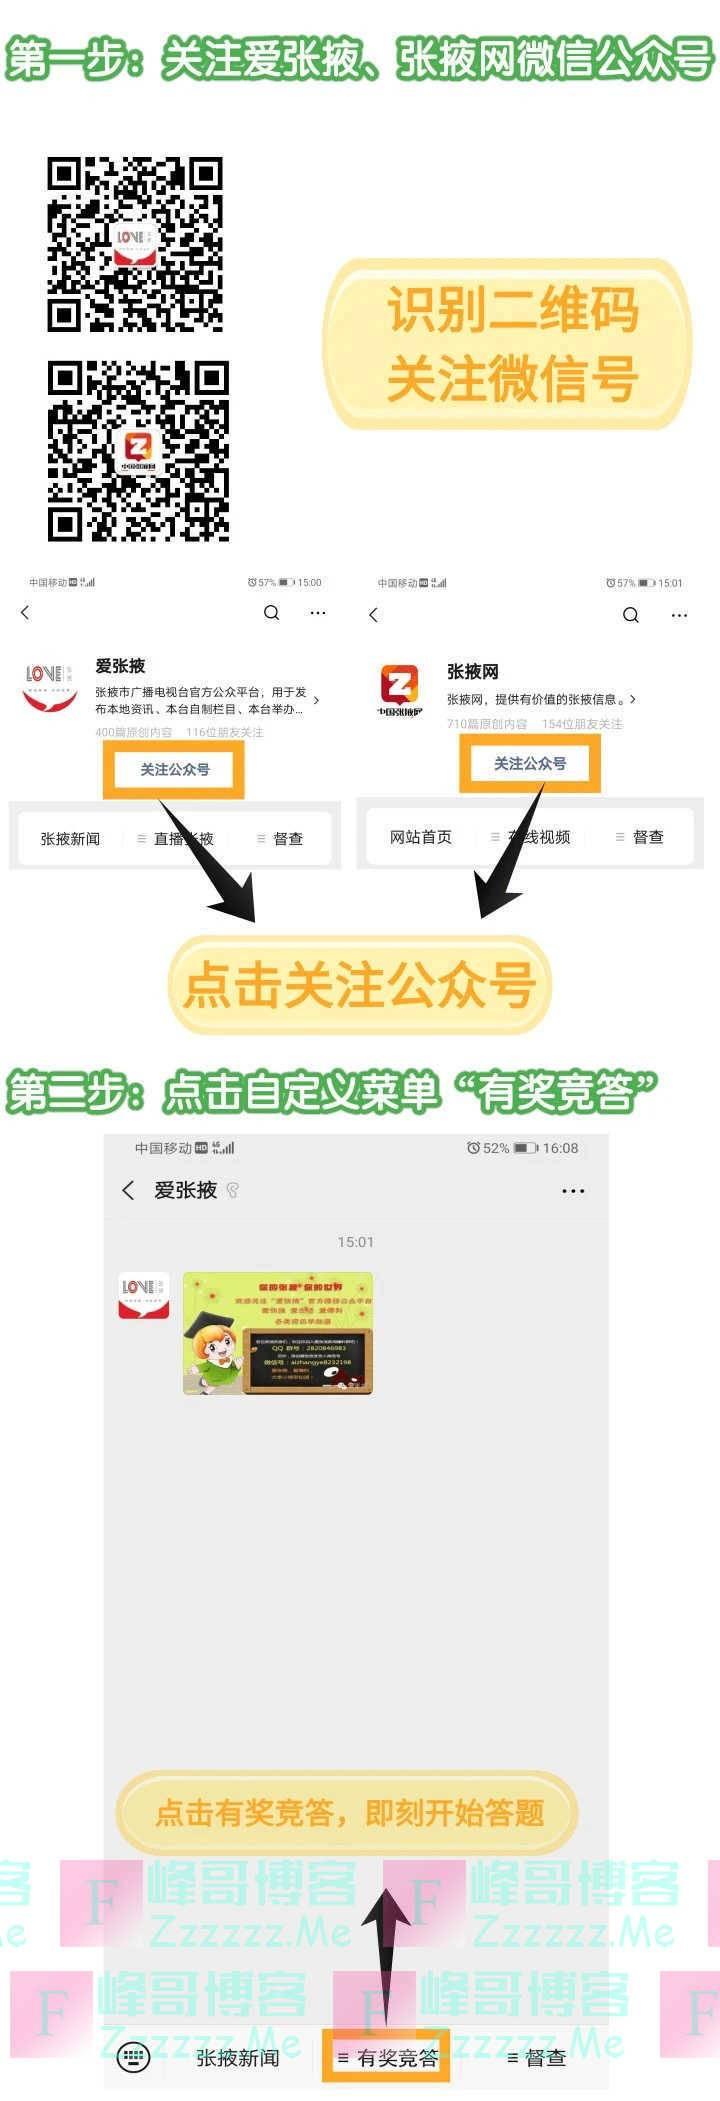 """爱张掖""""一园三带生态示范工程""""有奖竞答活动(4月4日截止)"""